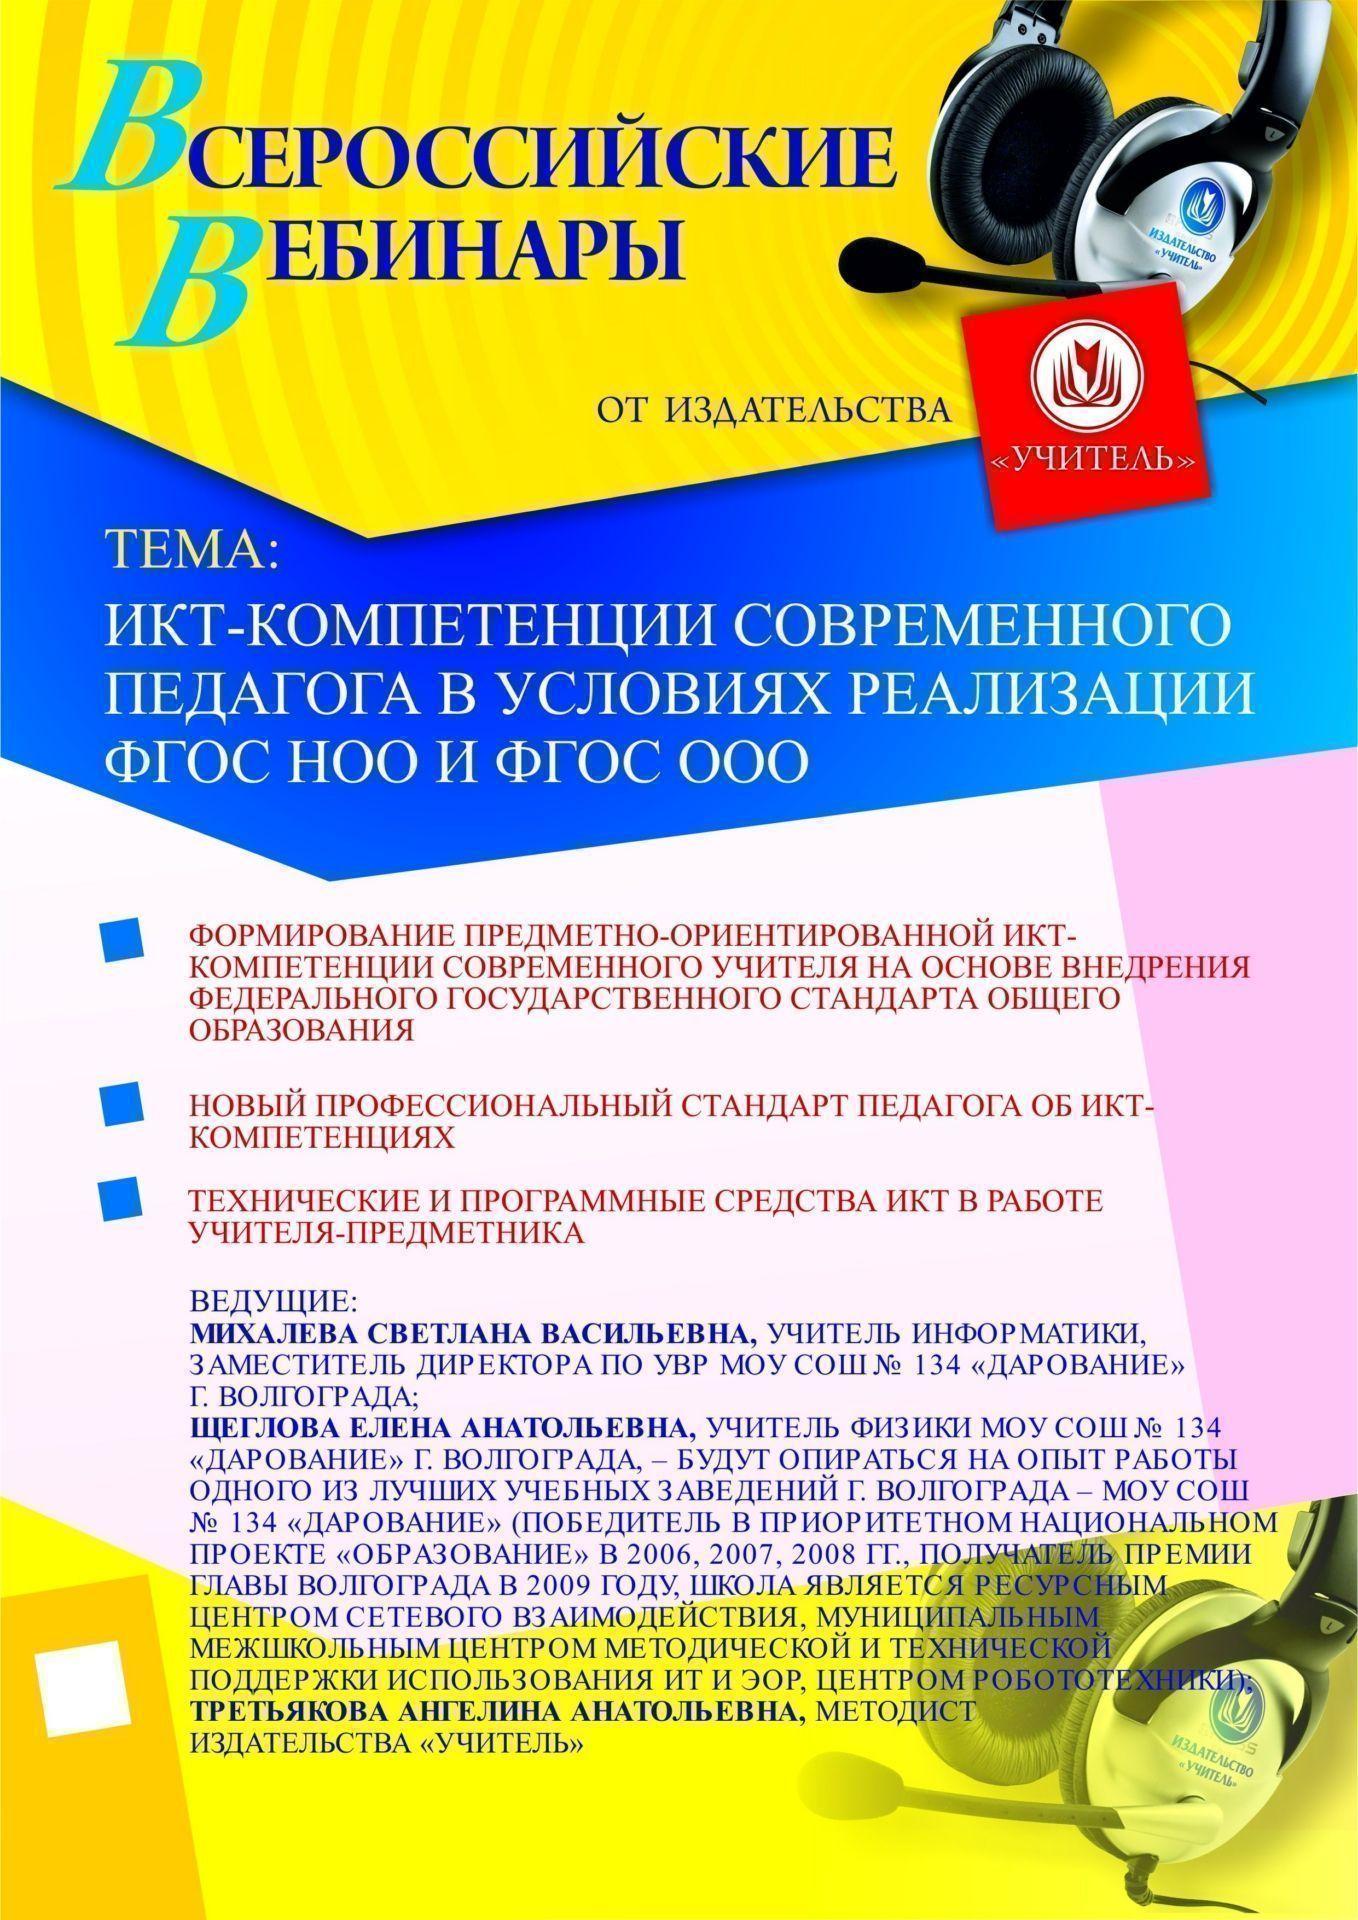 ИКТ-компетенции современного педагога в условиях реализации ФГОС НОО и ФГОС ООО фото